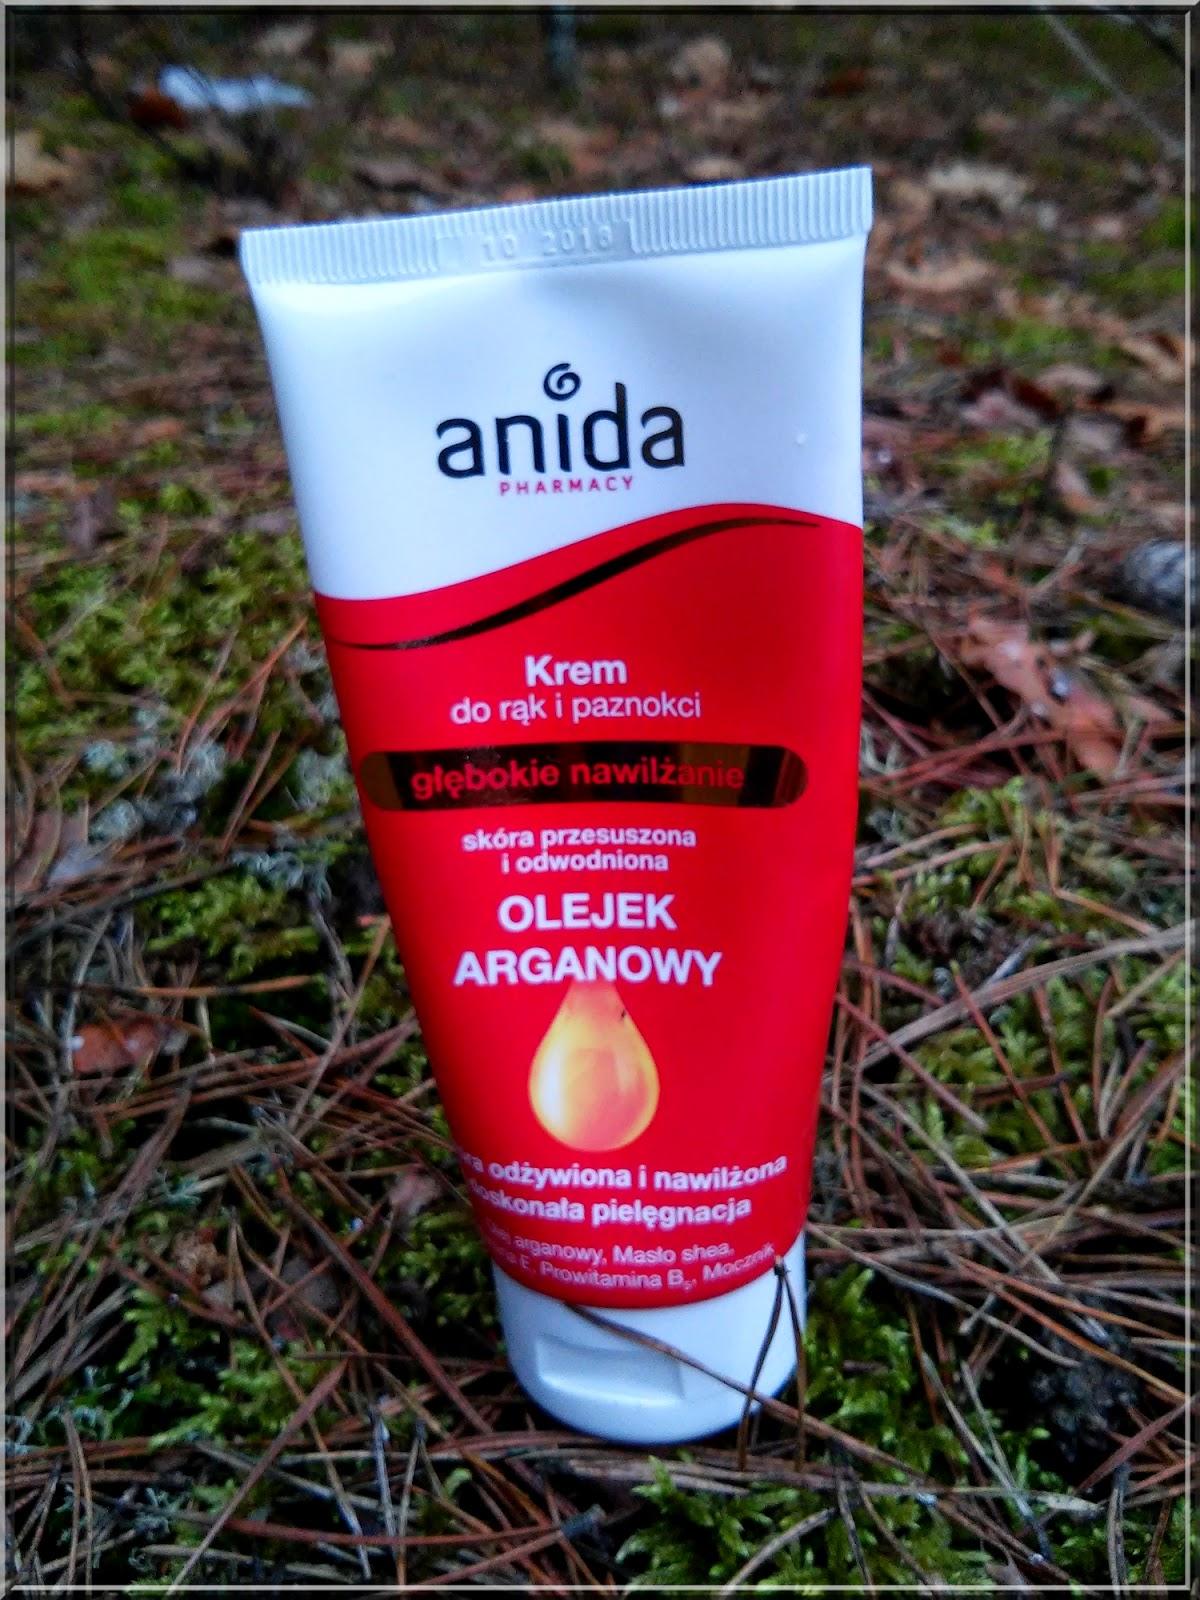 Anida, Krem do rąk i paznokci z olejkiem arganowym